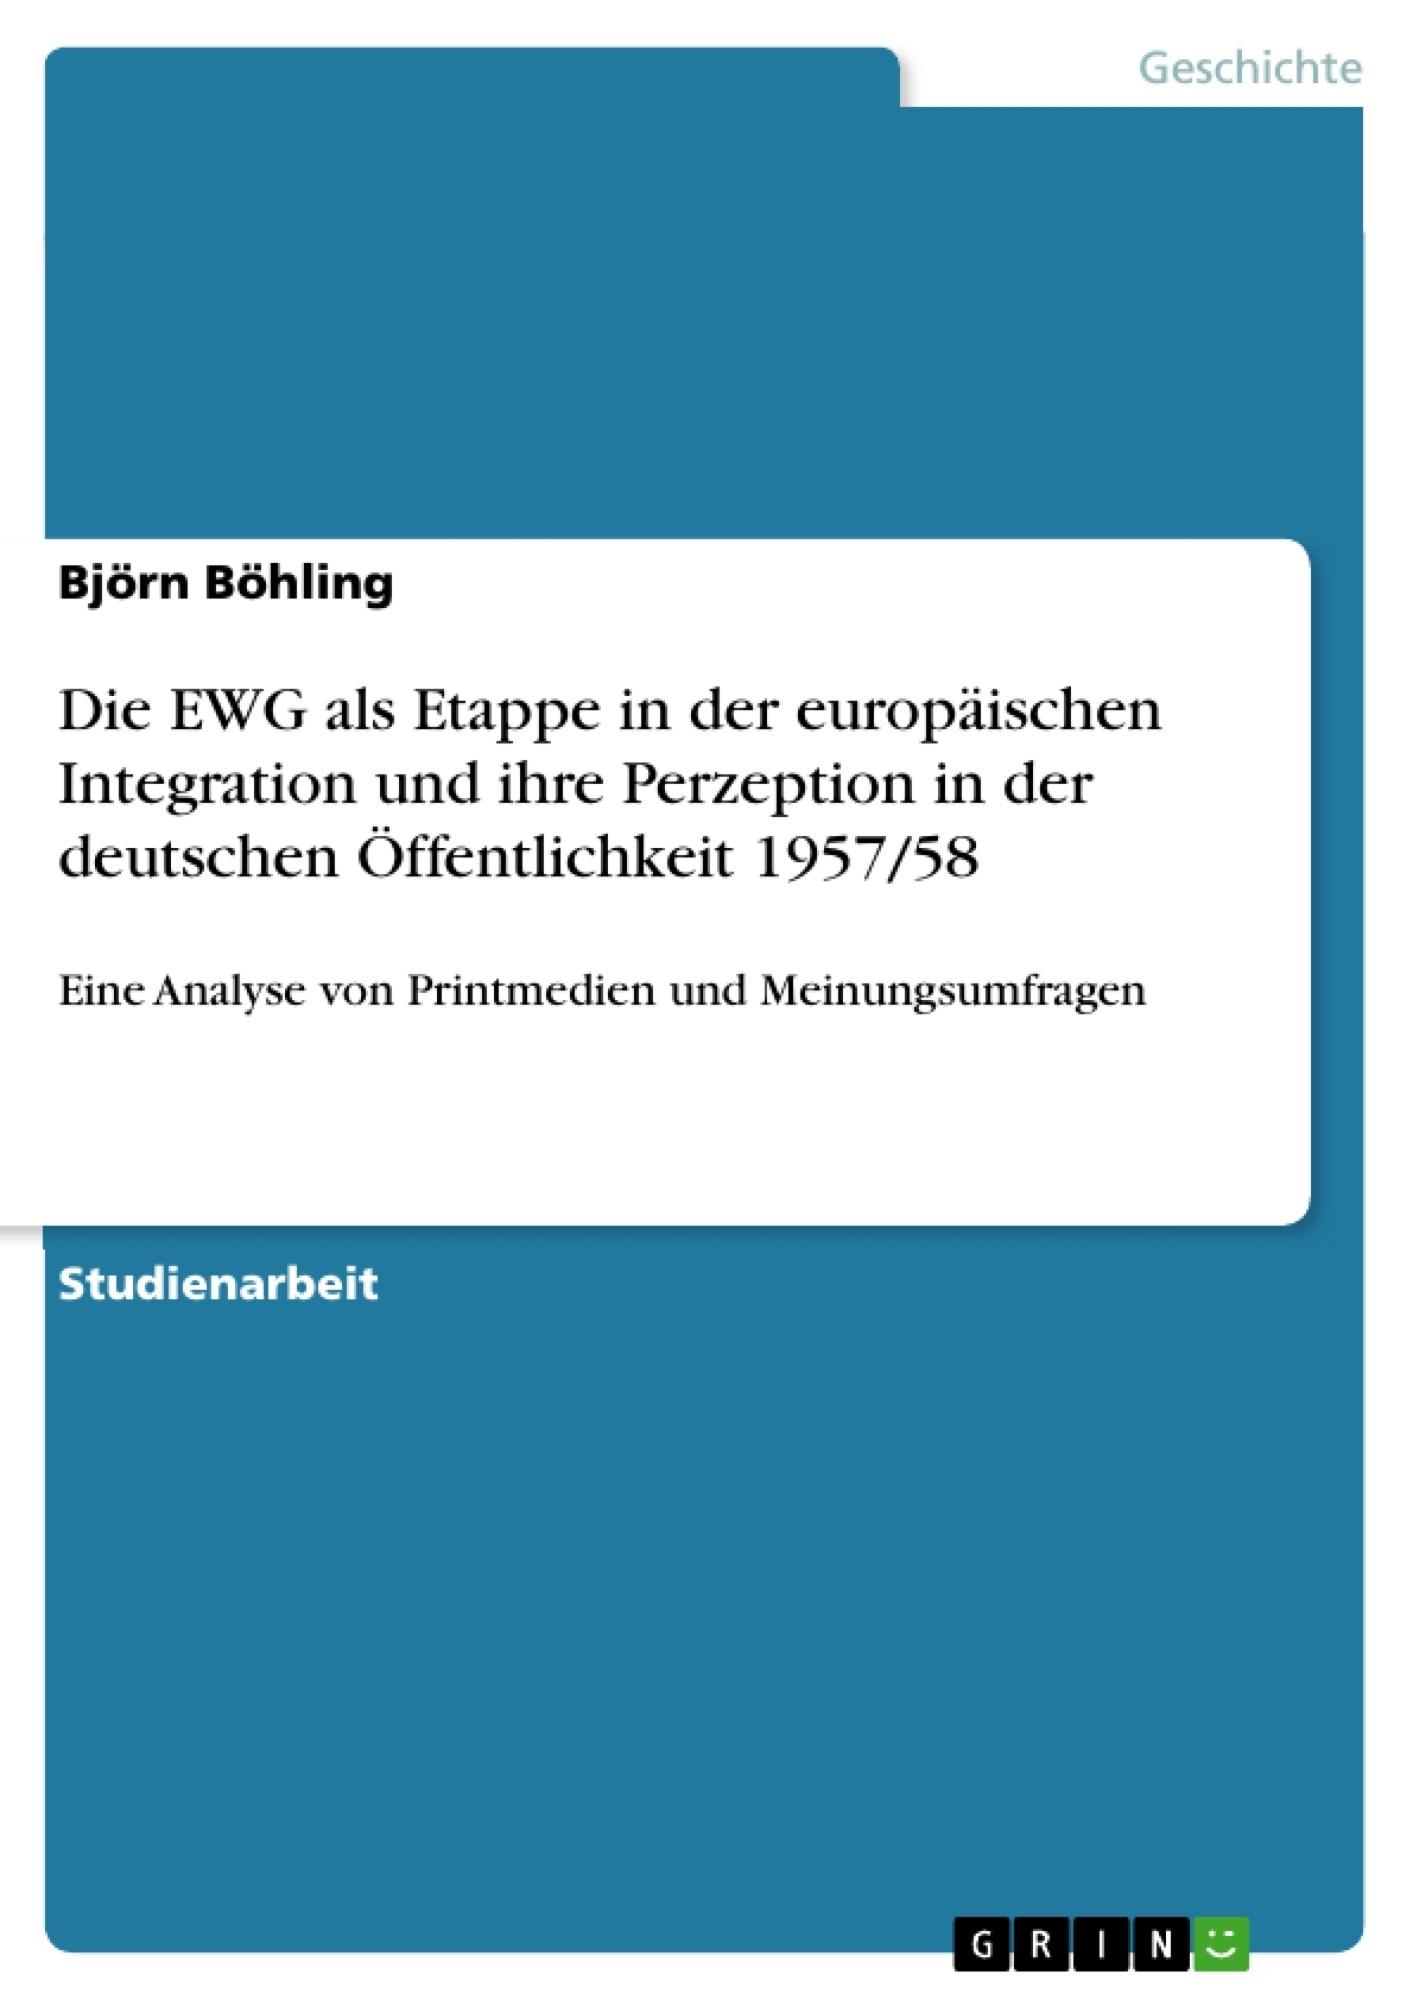 Titel: Die EWG als Etappe in der europäischen Integration und ihre Perzeption in der deutschen Öffentlichkeit 1957/58